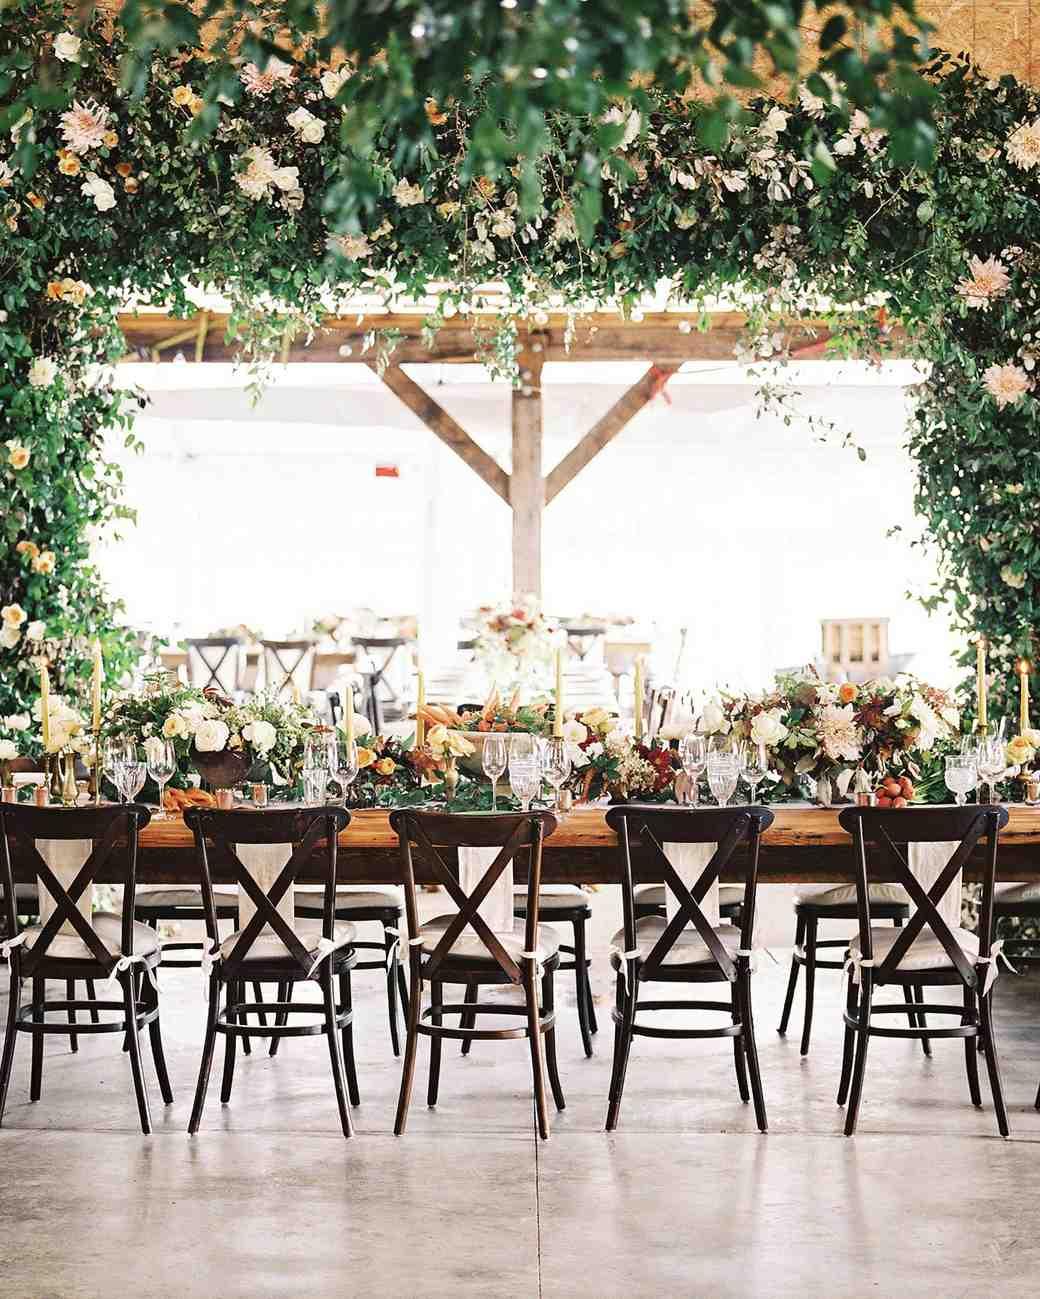 Table Ideas For Wedding Reception: An Elegant-Meets-Rustic Farm Wedding In North Carolina